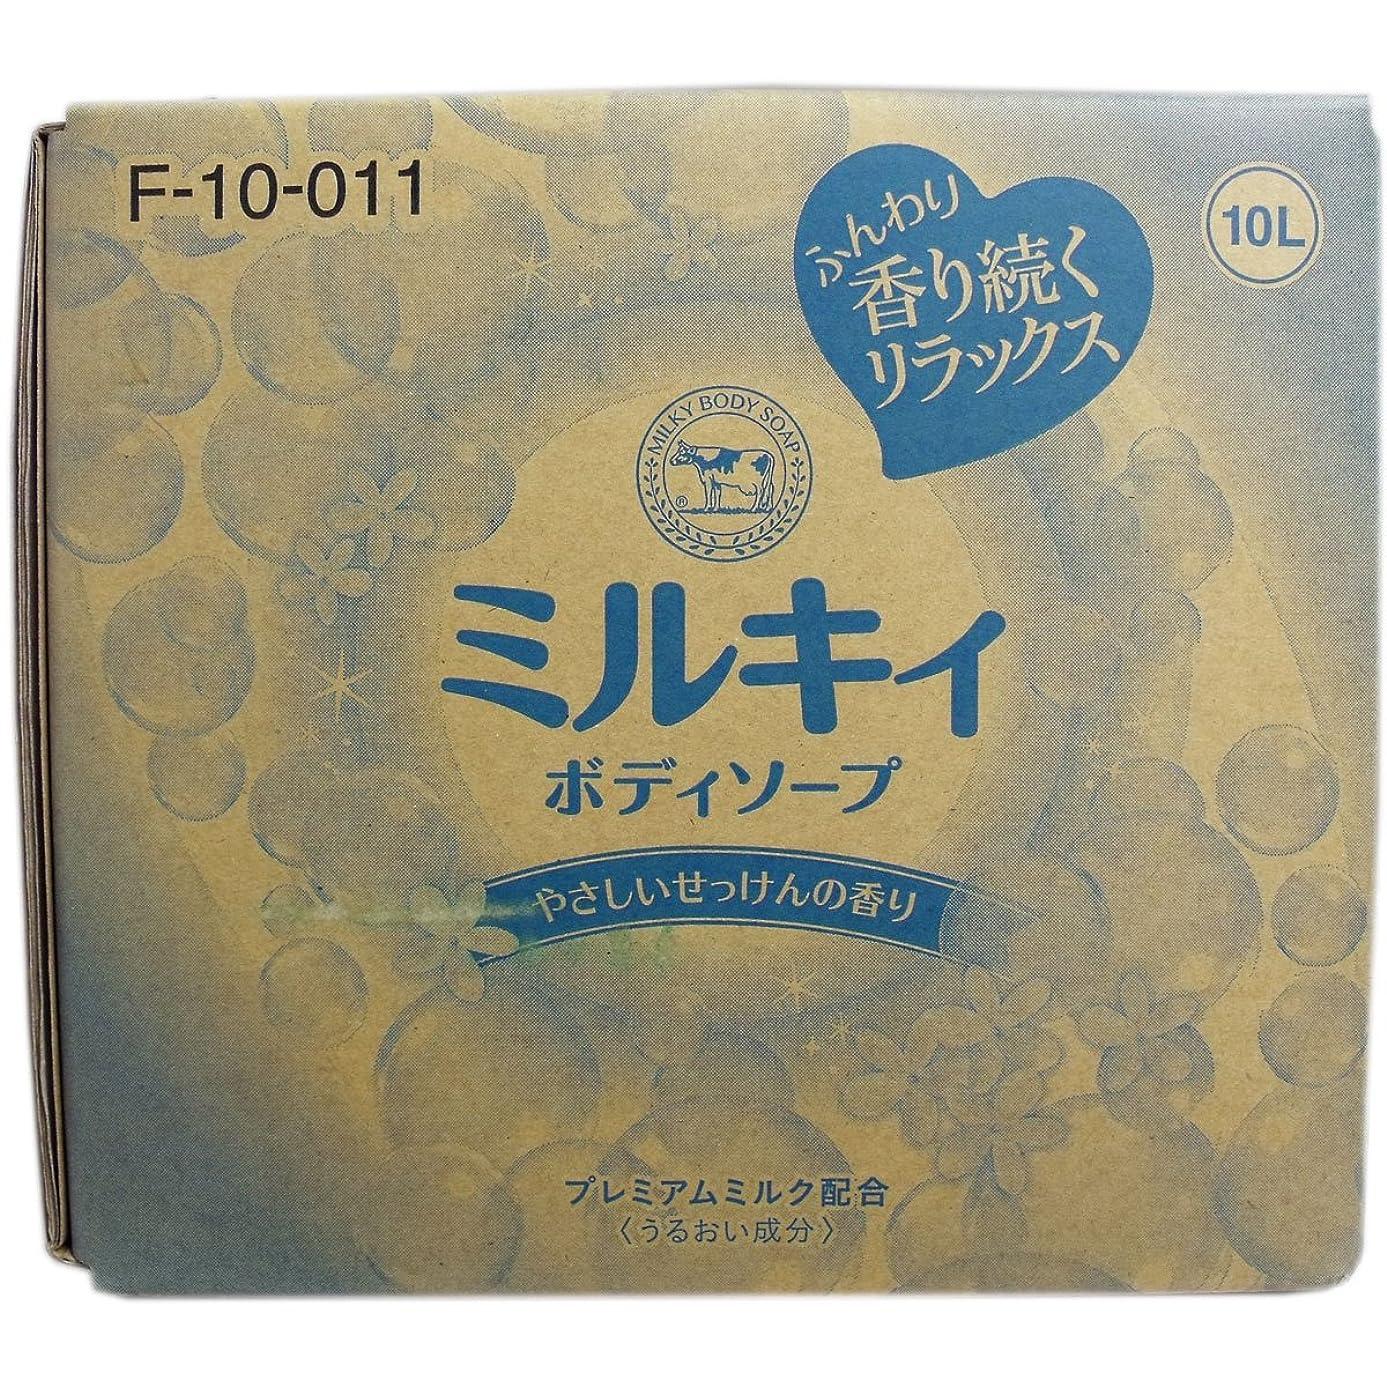 スロベニアダイヤル発明牛乳石鹸 ミルキィボディソープ ミルキィボディソープ 業務用 1個